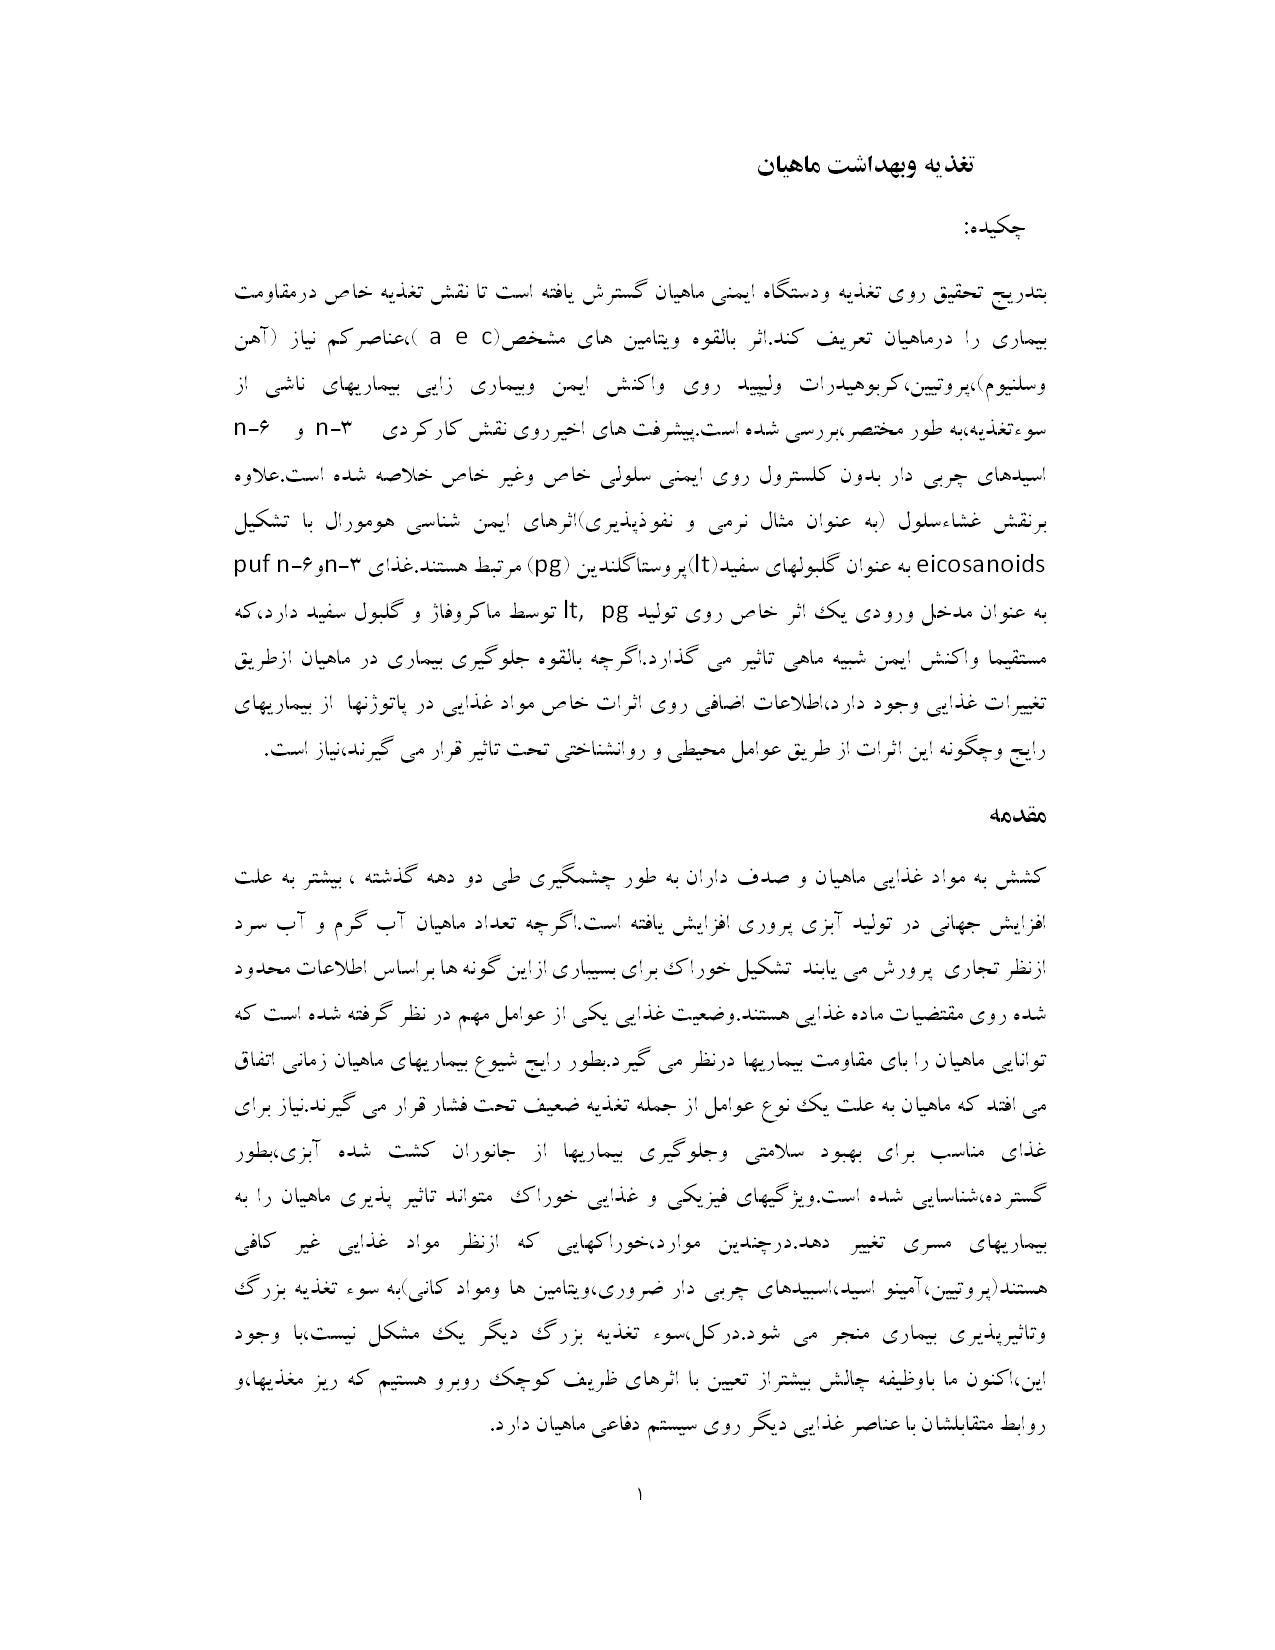 ترجمه مقاله و تحقیق - تغذیه وبهداشت ماهیان